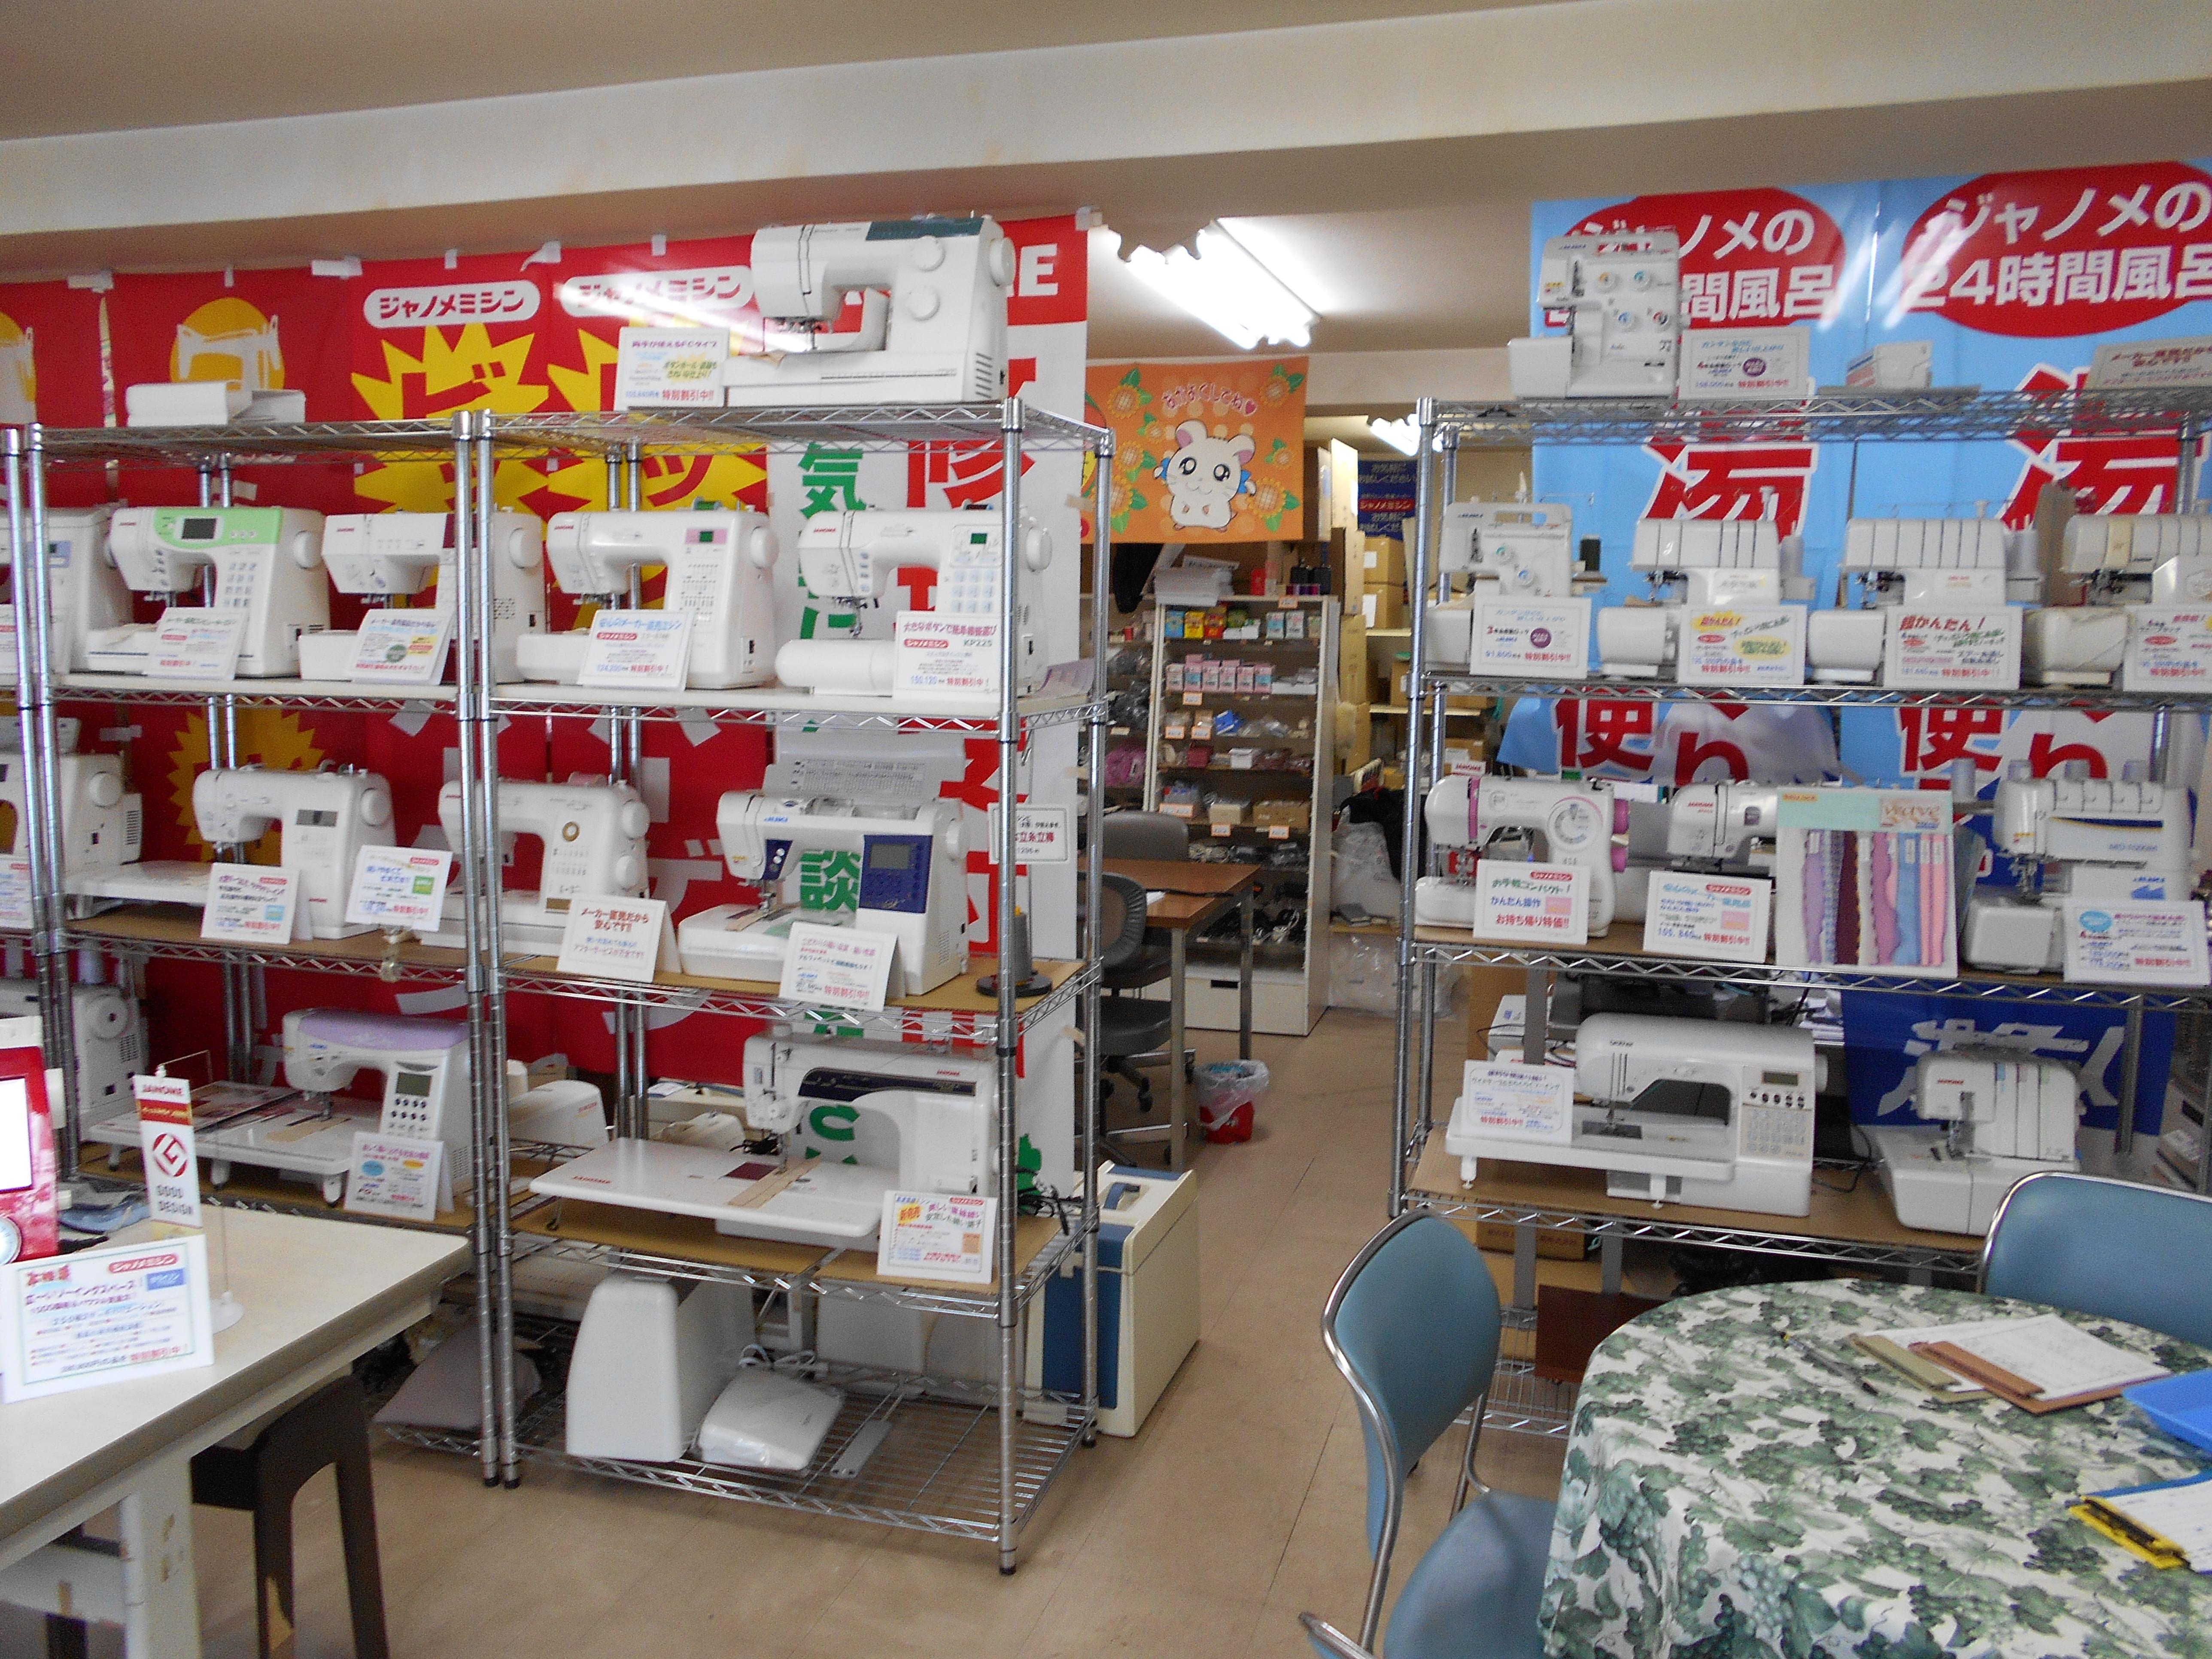 ジャノメミシン札幌中央店 ミシン販売・修理:北海道 札幌